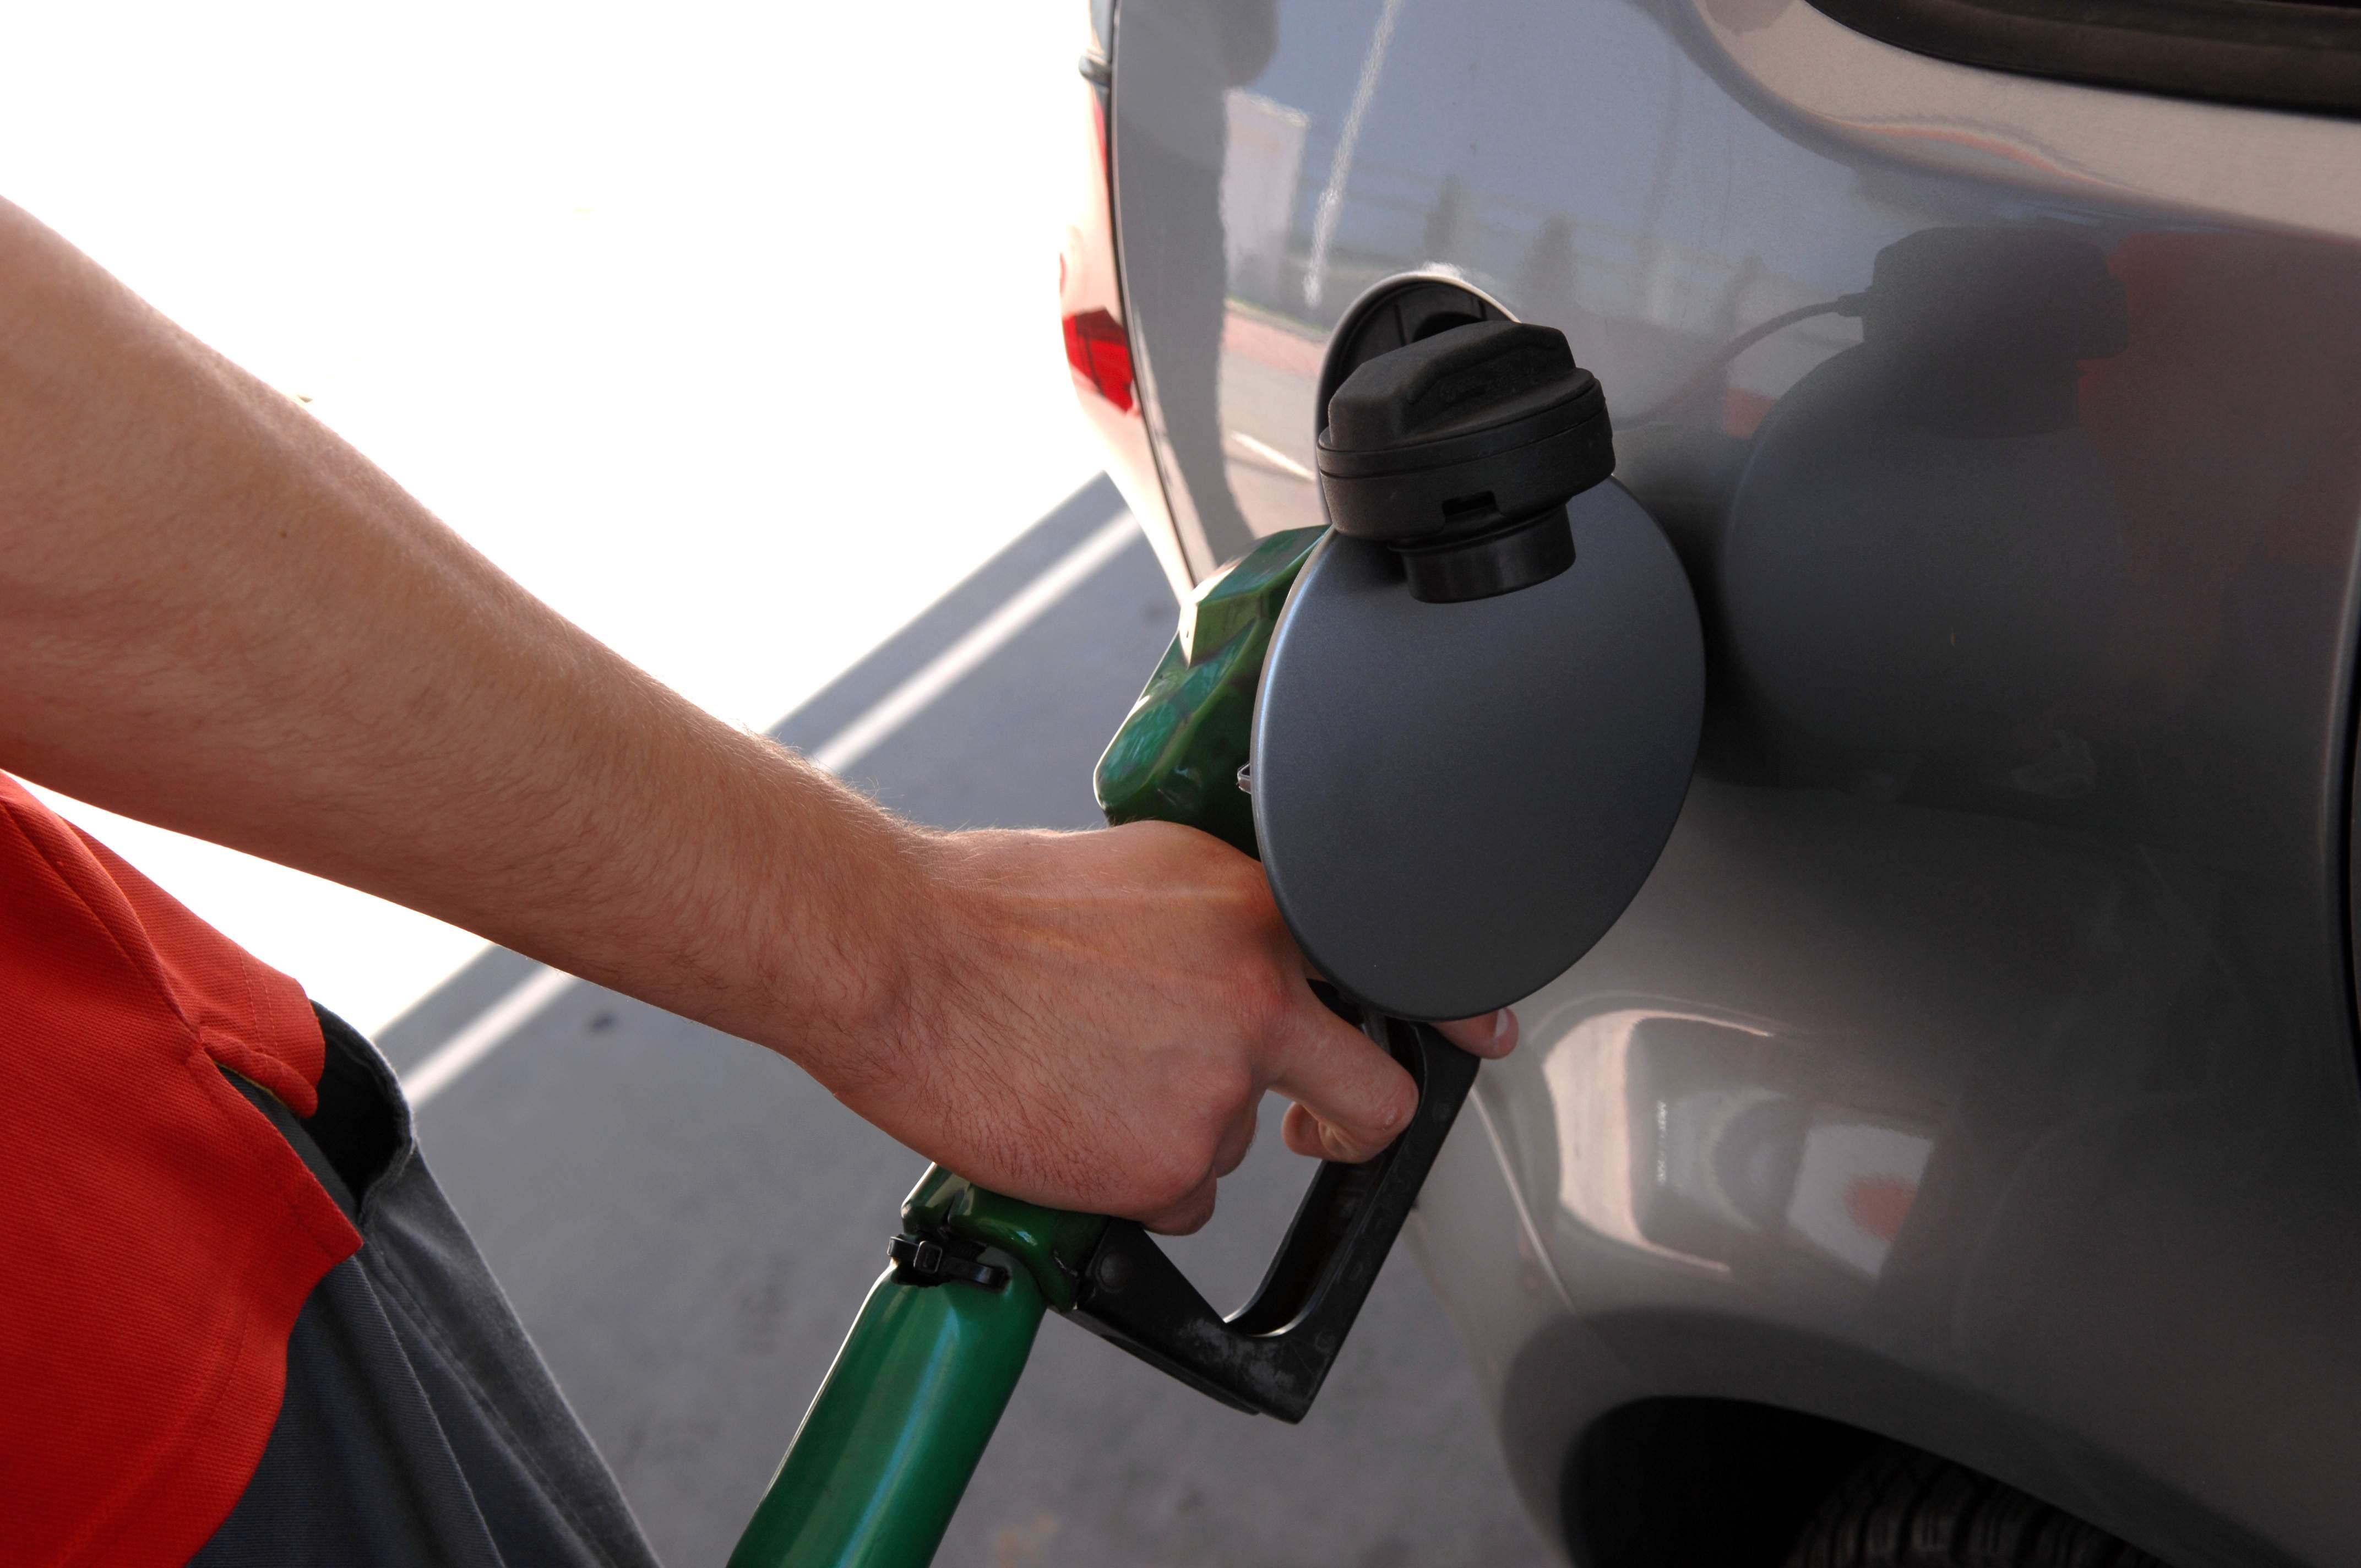 А- 95 и Super! Каква е разликата между тези два вида бензин?